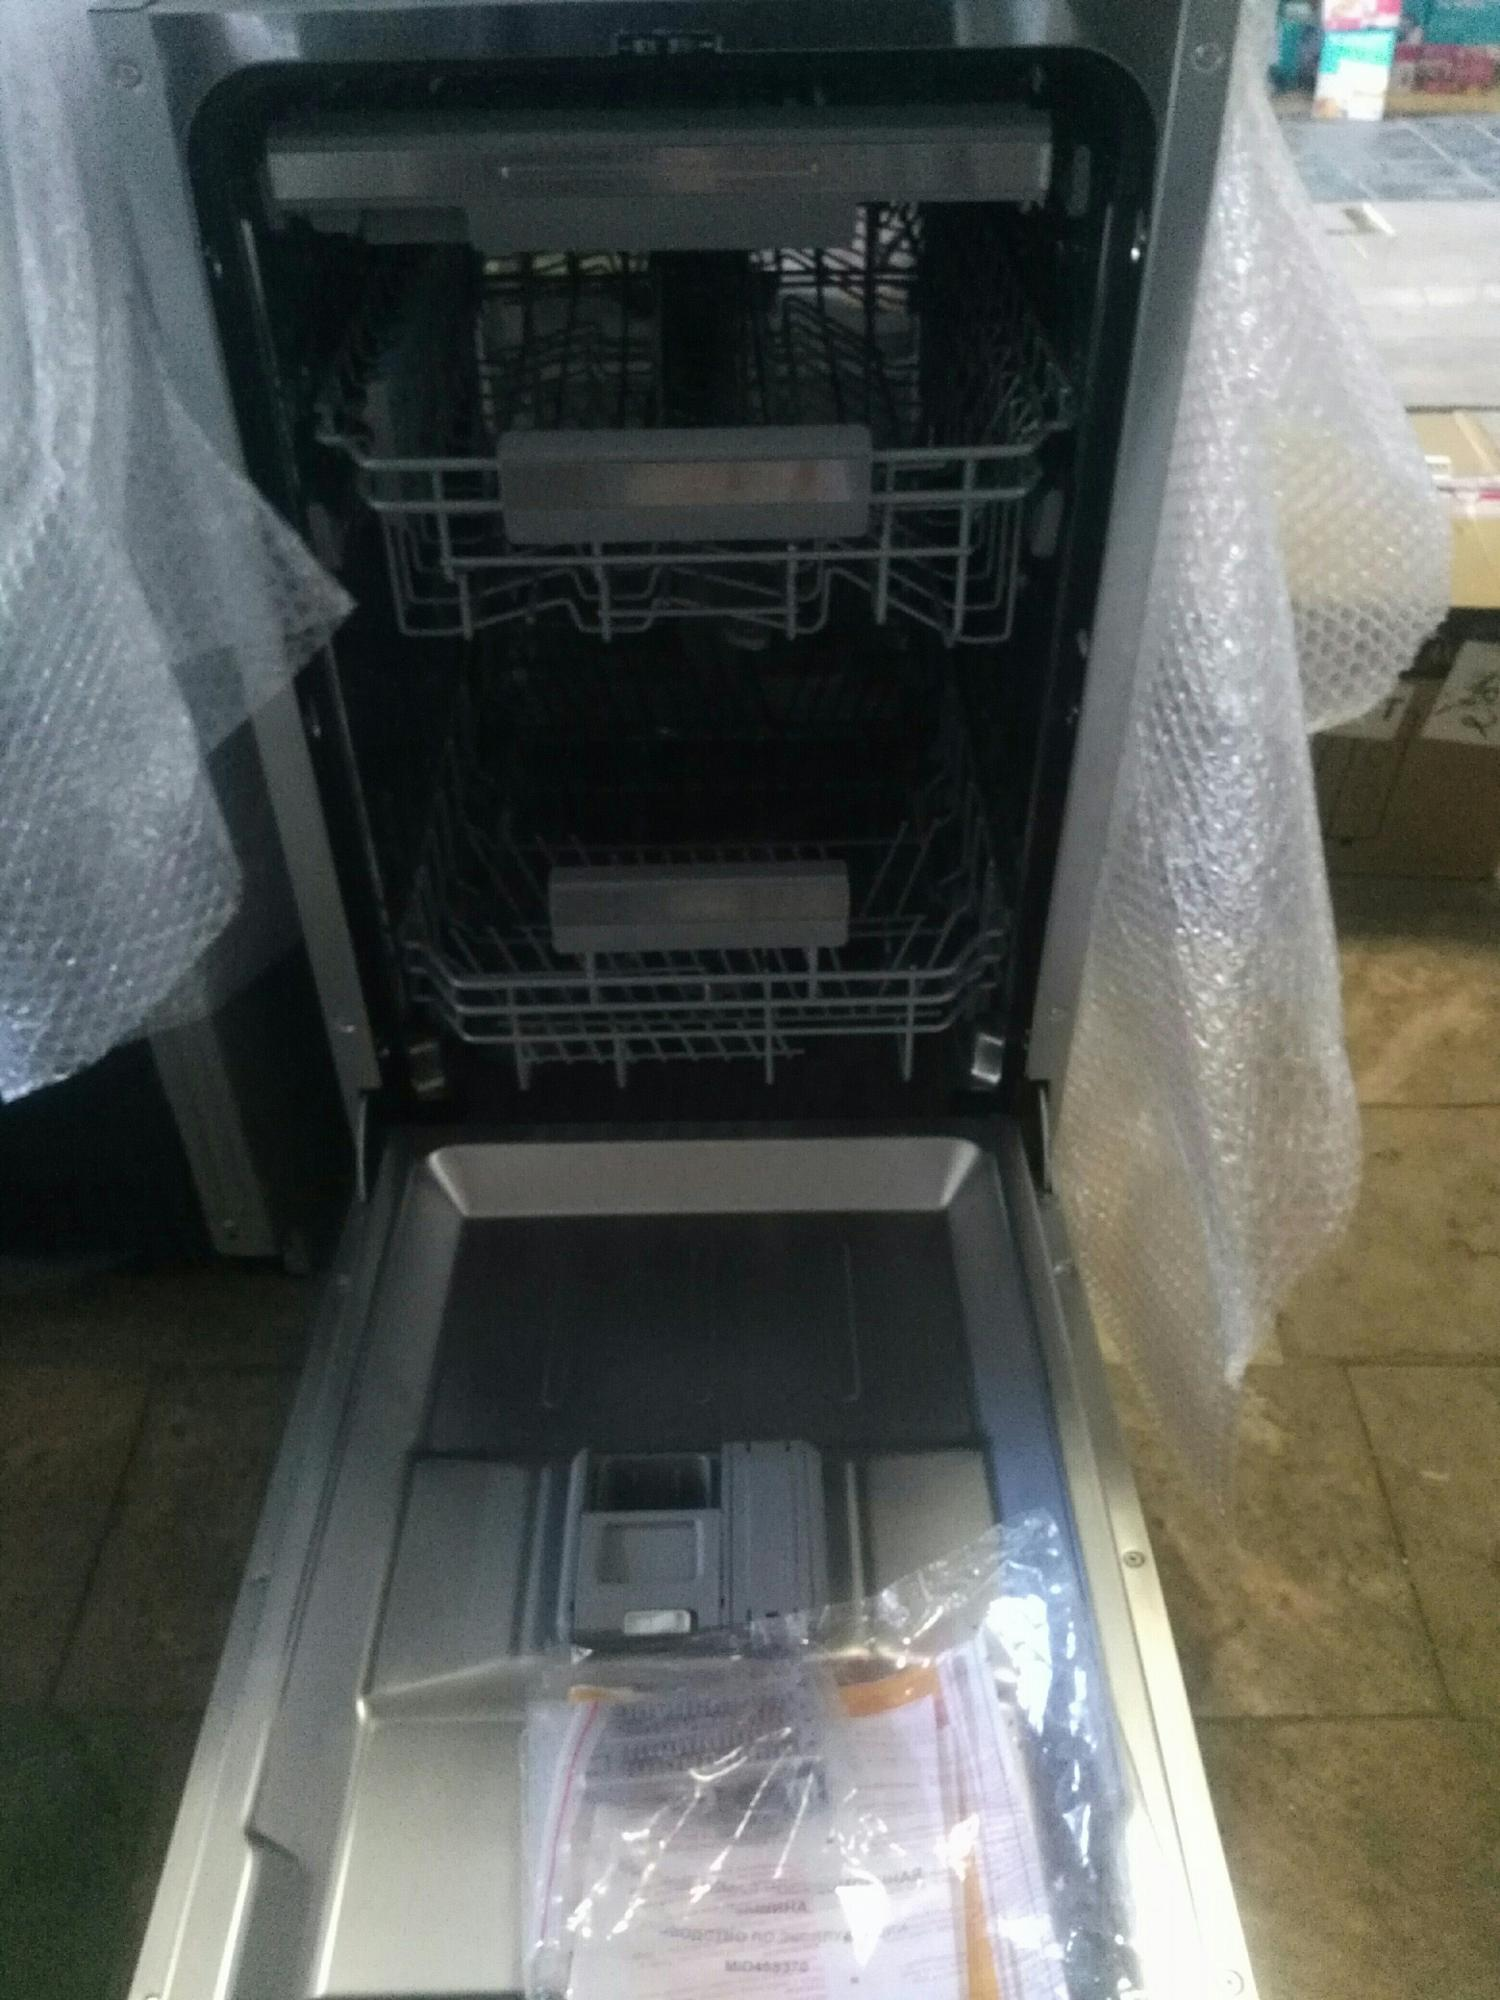 Встраиваемая посудомоечная машина Midea MID45S370 в Королеве 89855768253 купить 3